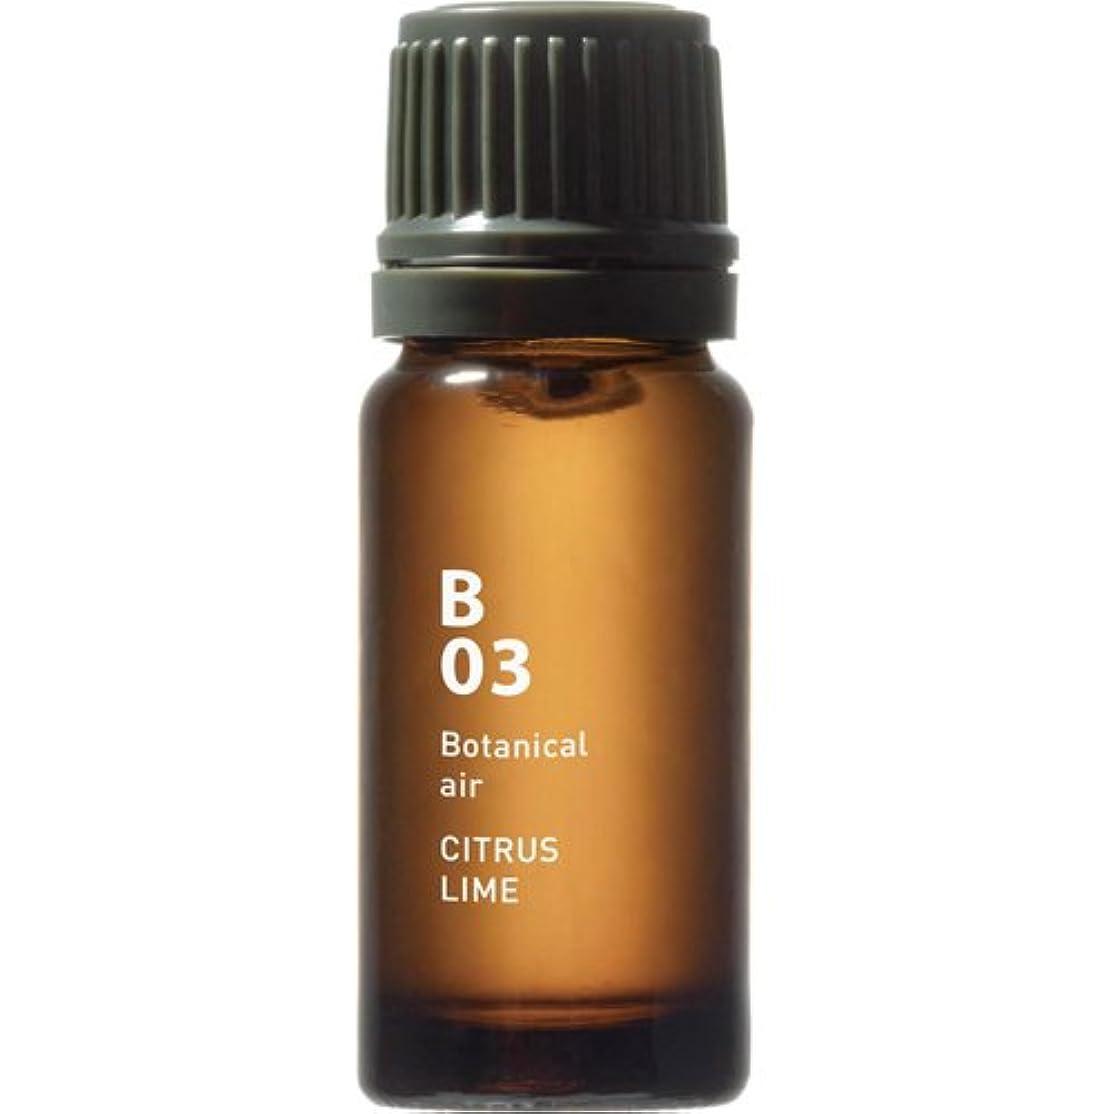 オデュッセウス支配する軽量B03 シトラスライム Botanical air(ボタニカルエアー) 10ml